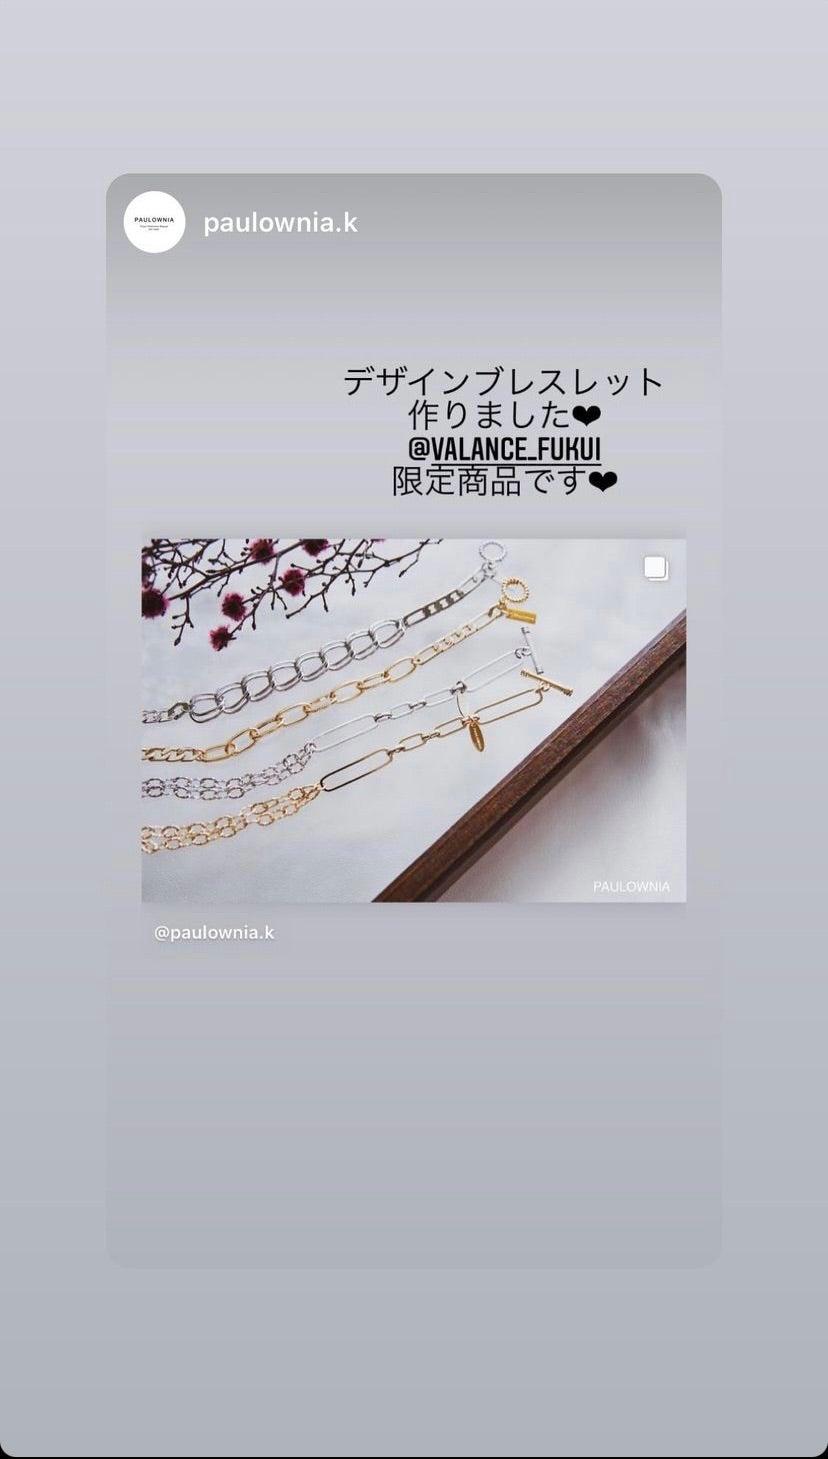 「PAULOWNIA」さらにオススメ情報!!